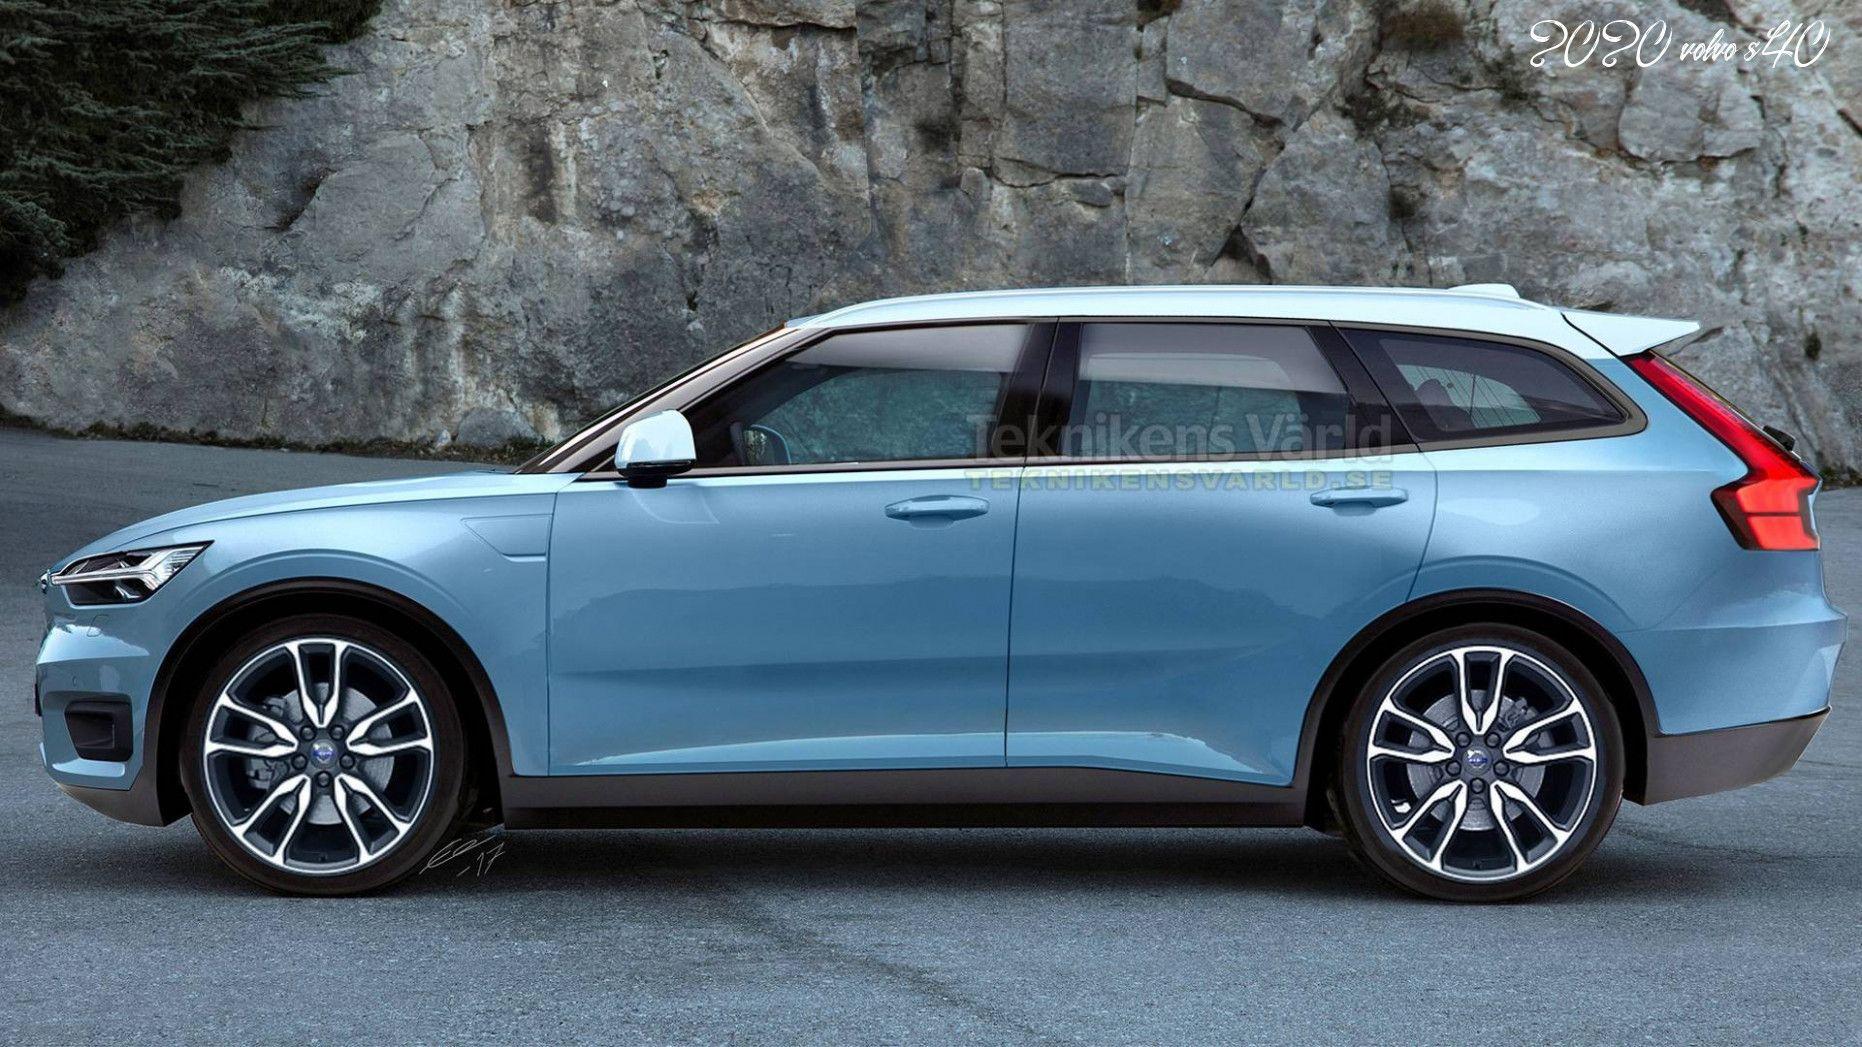 2020 Volvo S40 V 2020 G Avtomobili Transport Raznoe